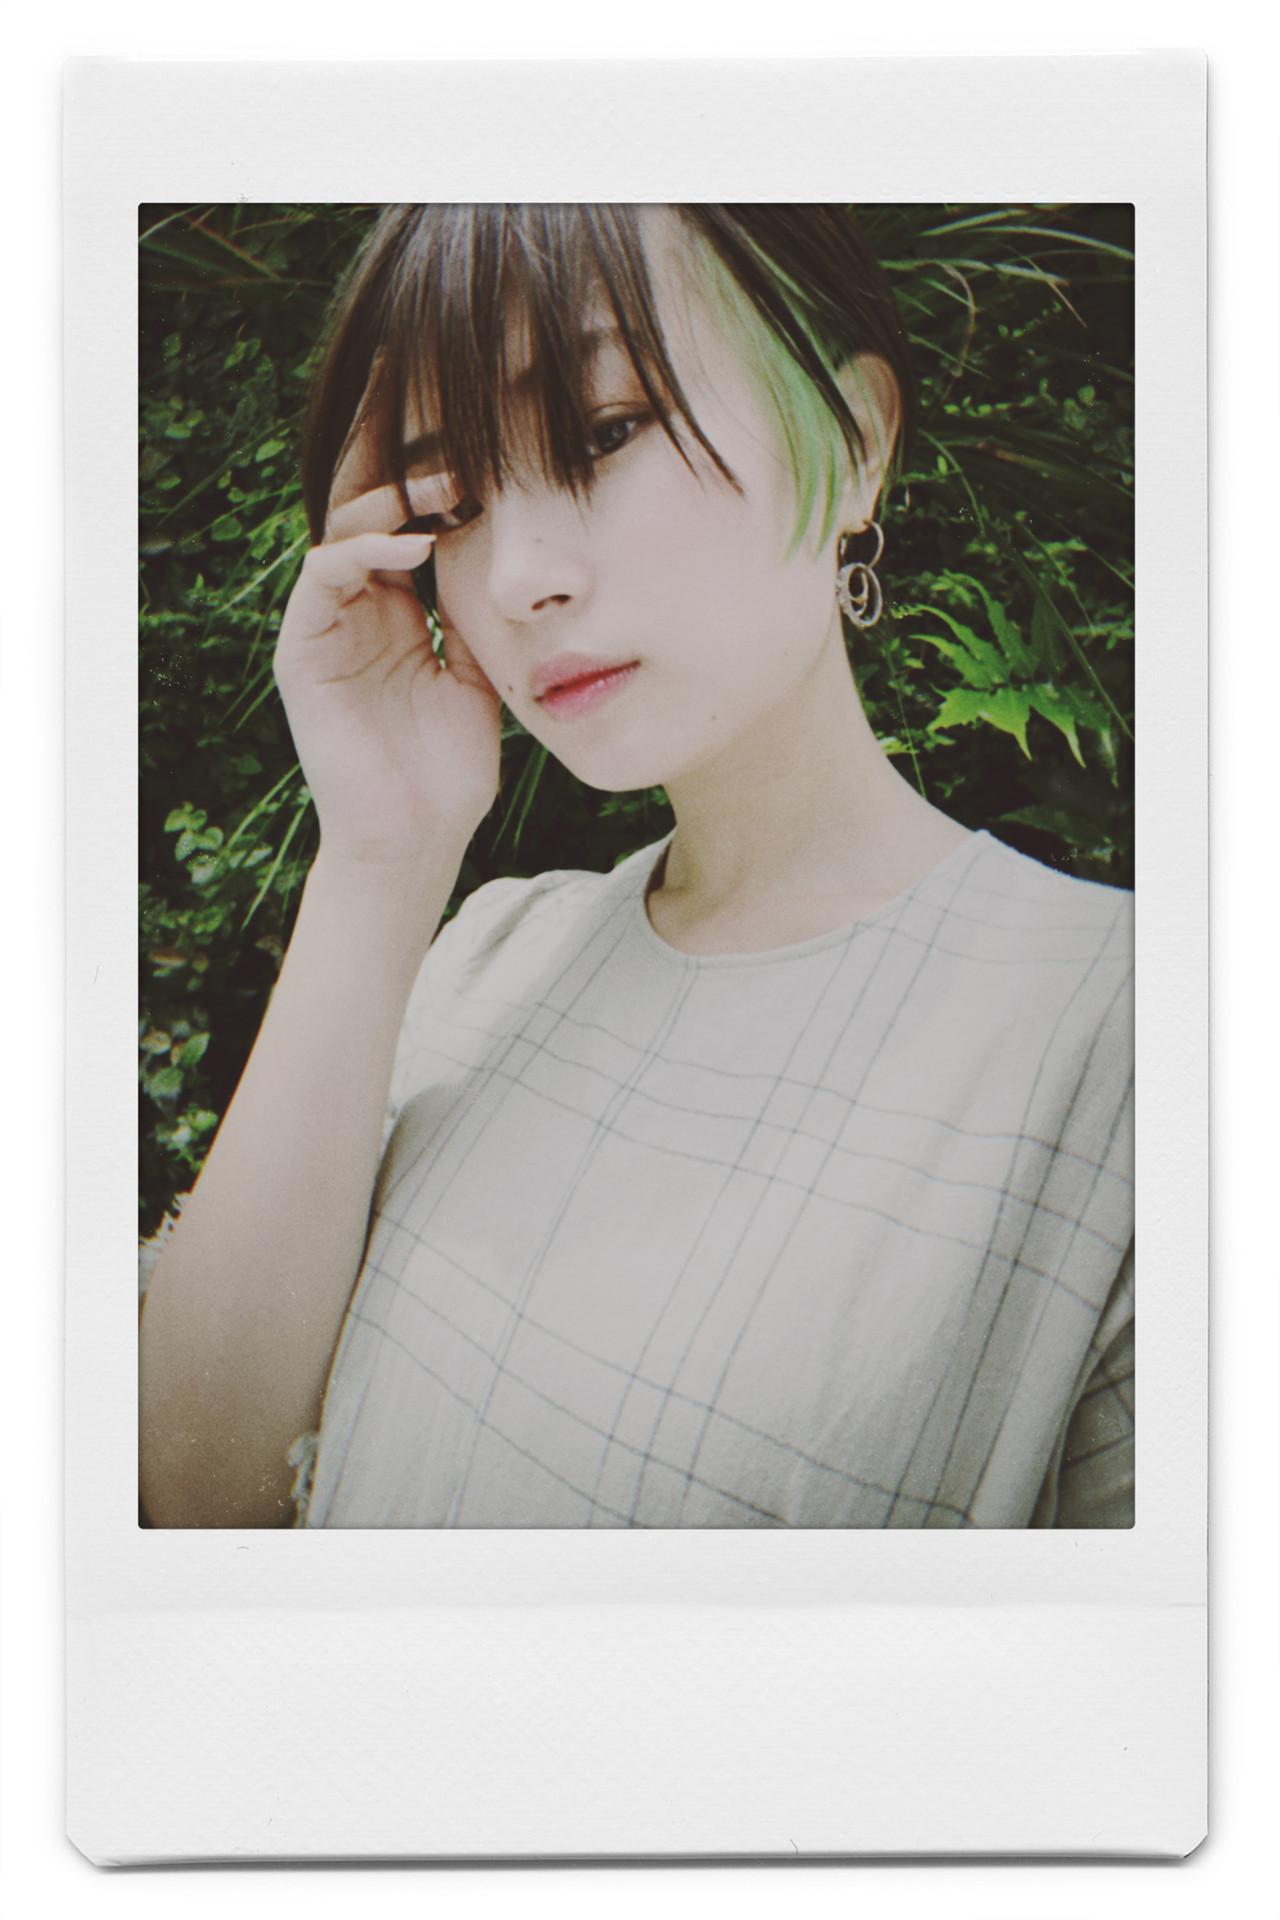 ナチュラル 阿藤俊也 PEEK-A-BOO ハンサムショート ヘアスタイルや髪型の写真・画像